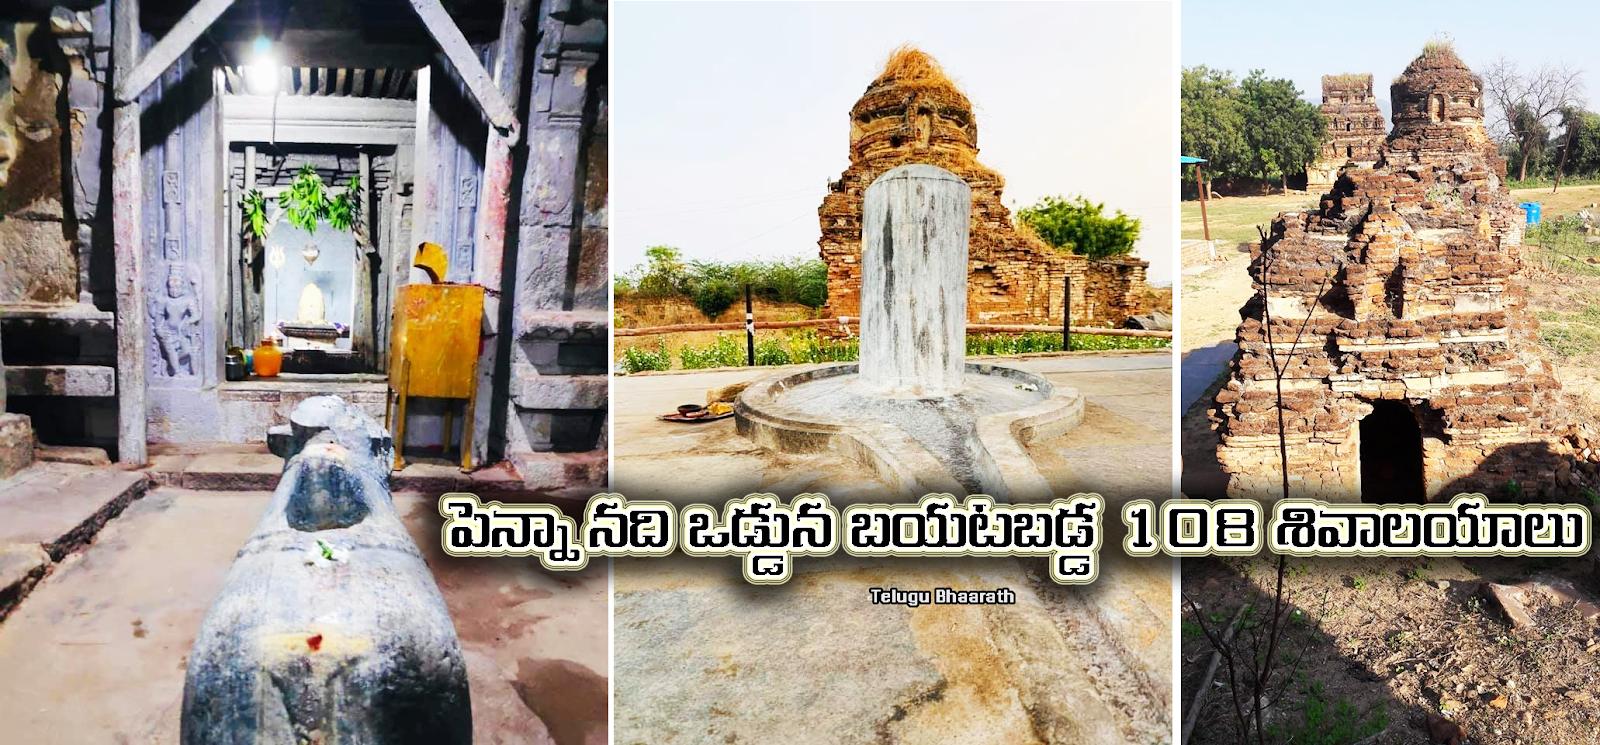 పెన్నా నది ఒడ్డున బయటబడ్డ 108 శివాలయాలు - Jyothi Siddavatam